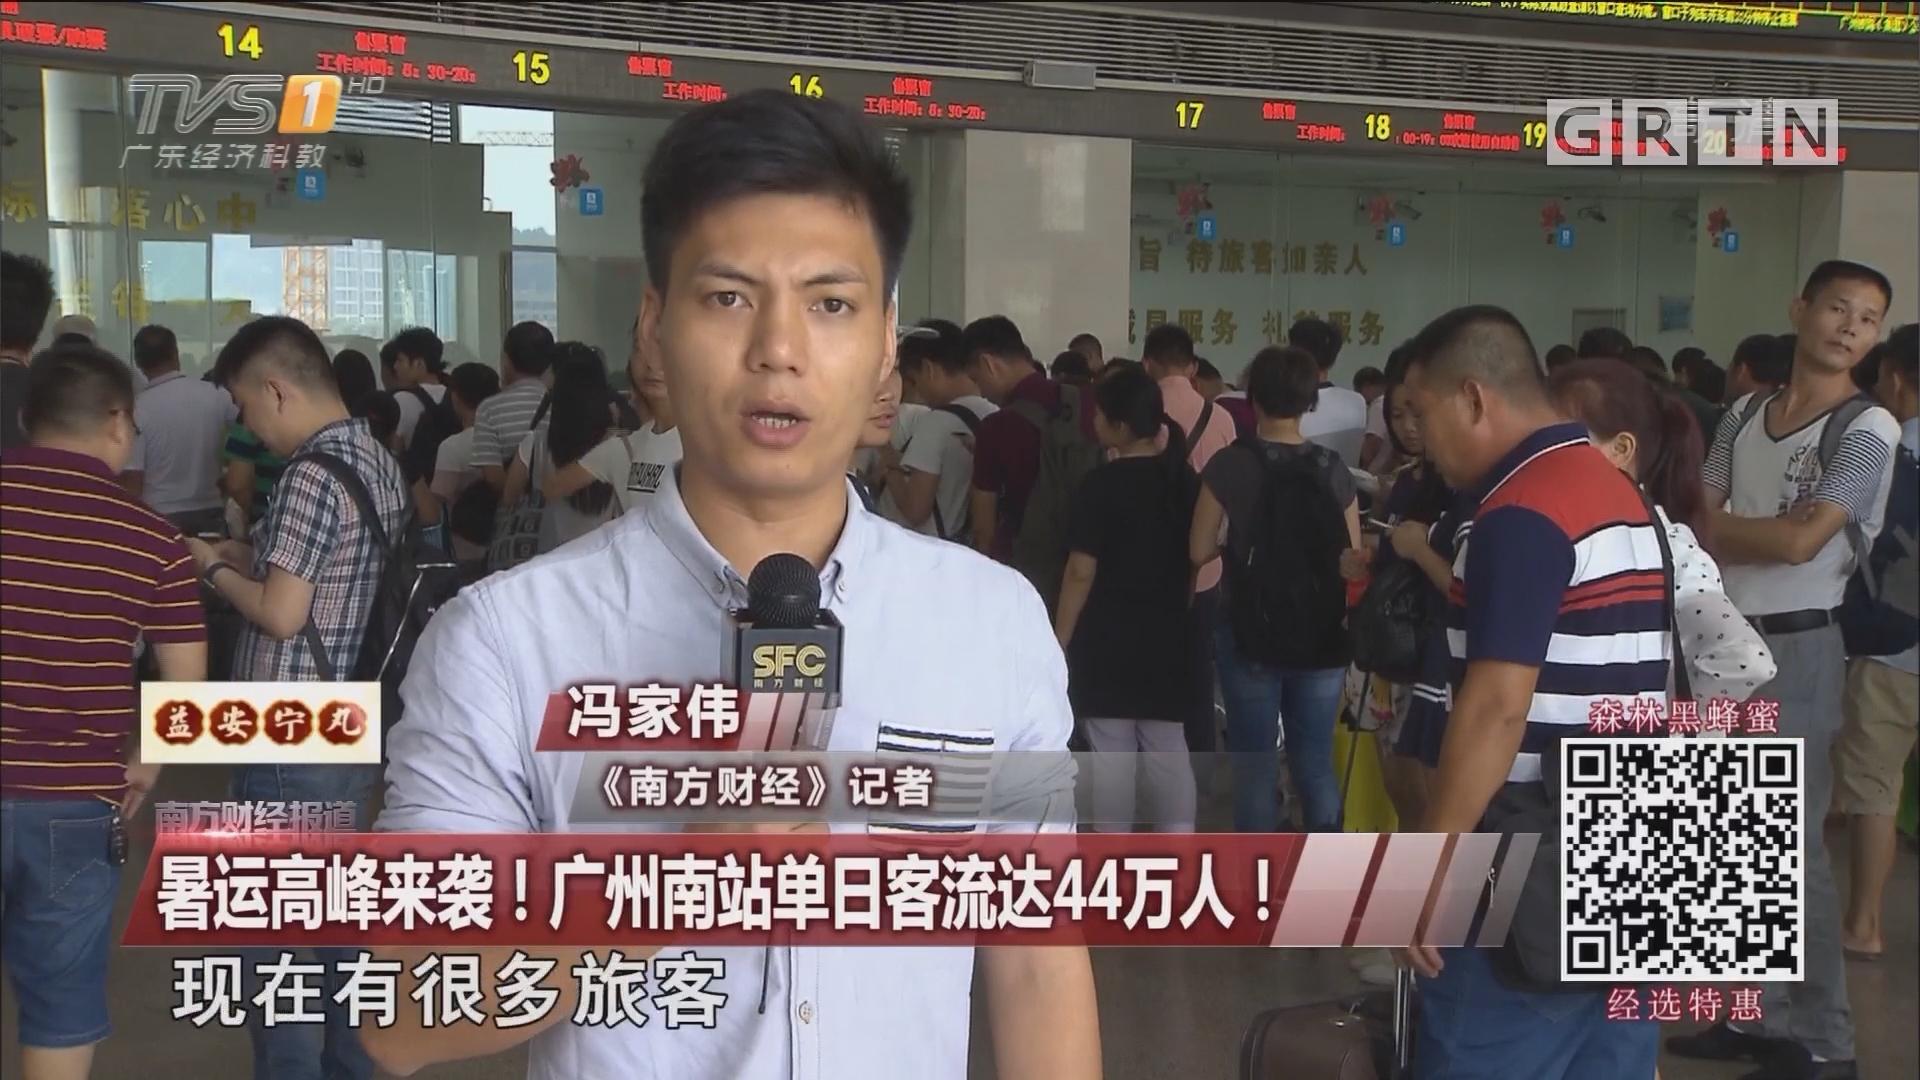 暑运高峰来袭!广州南站单日客流达44万人!